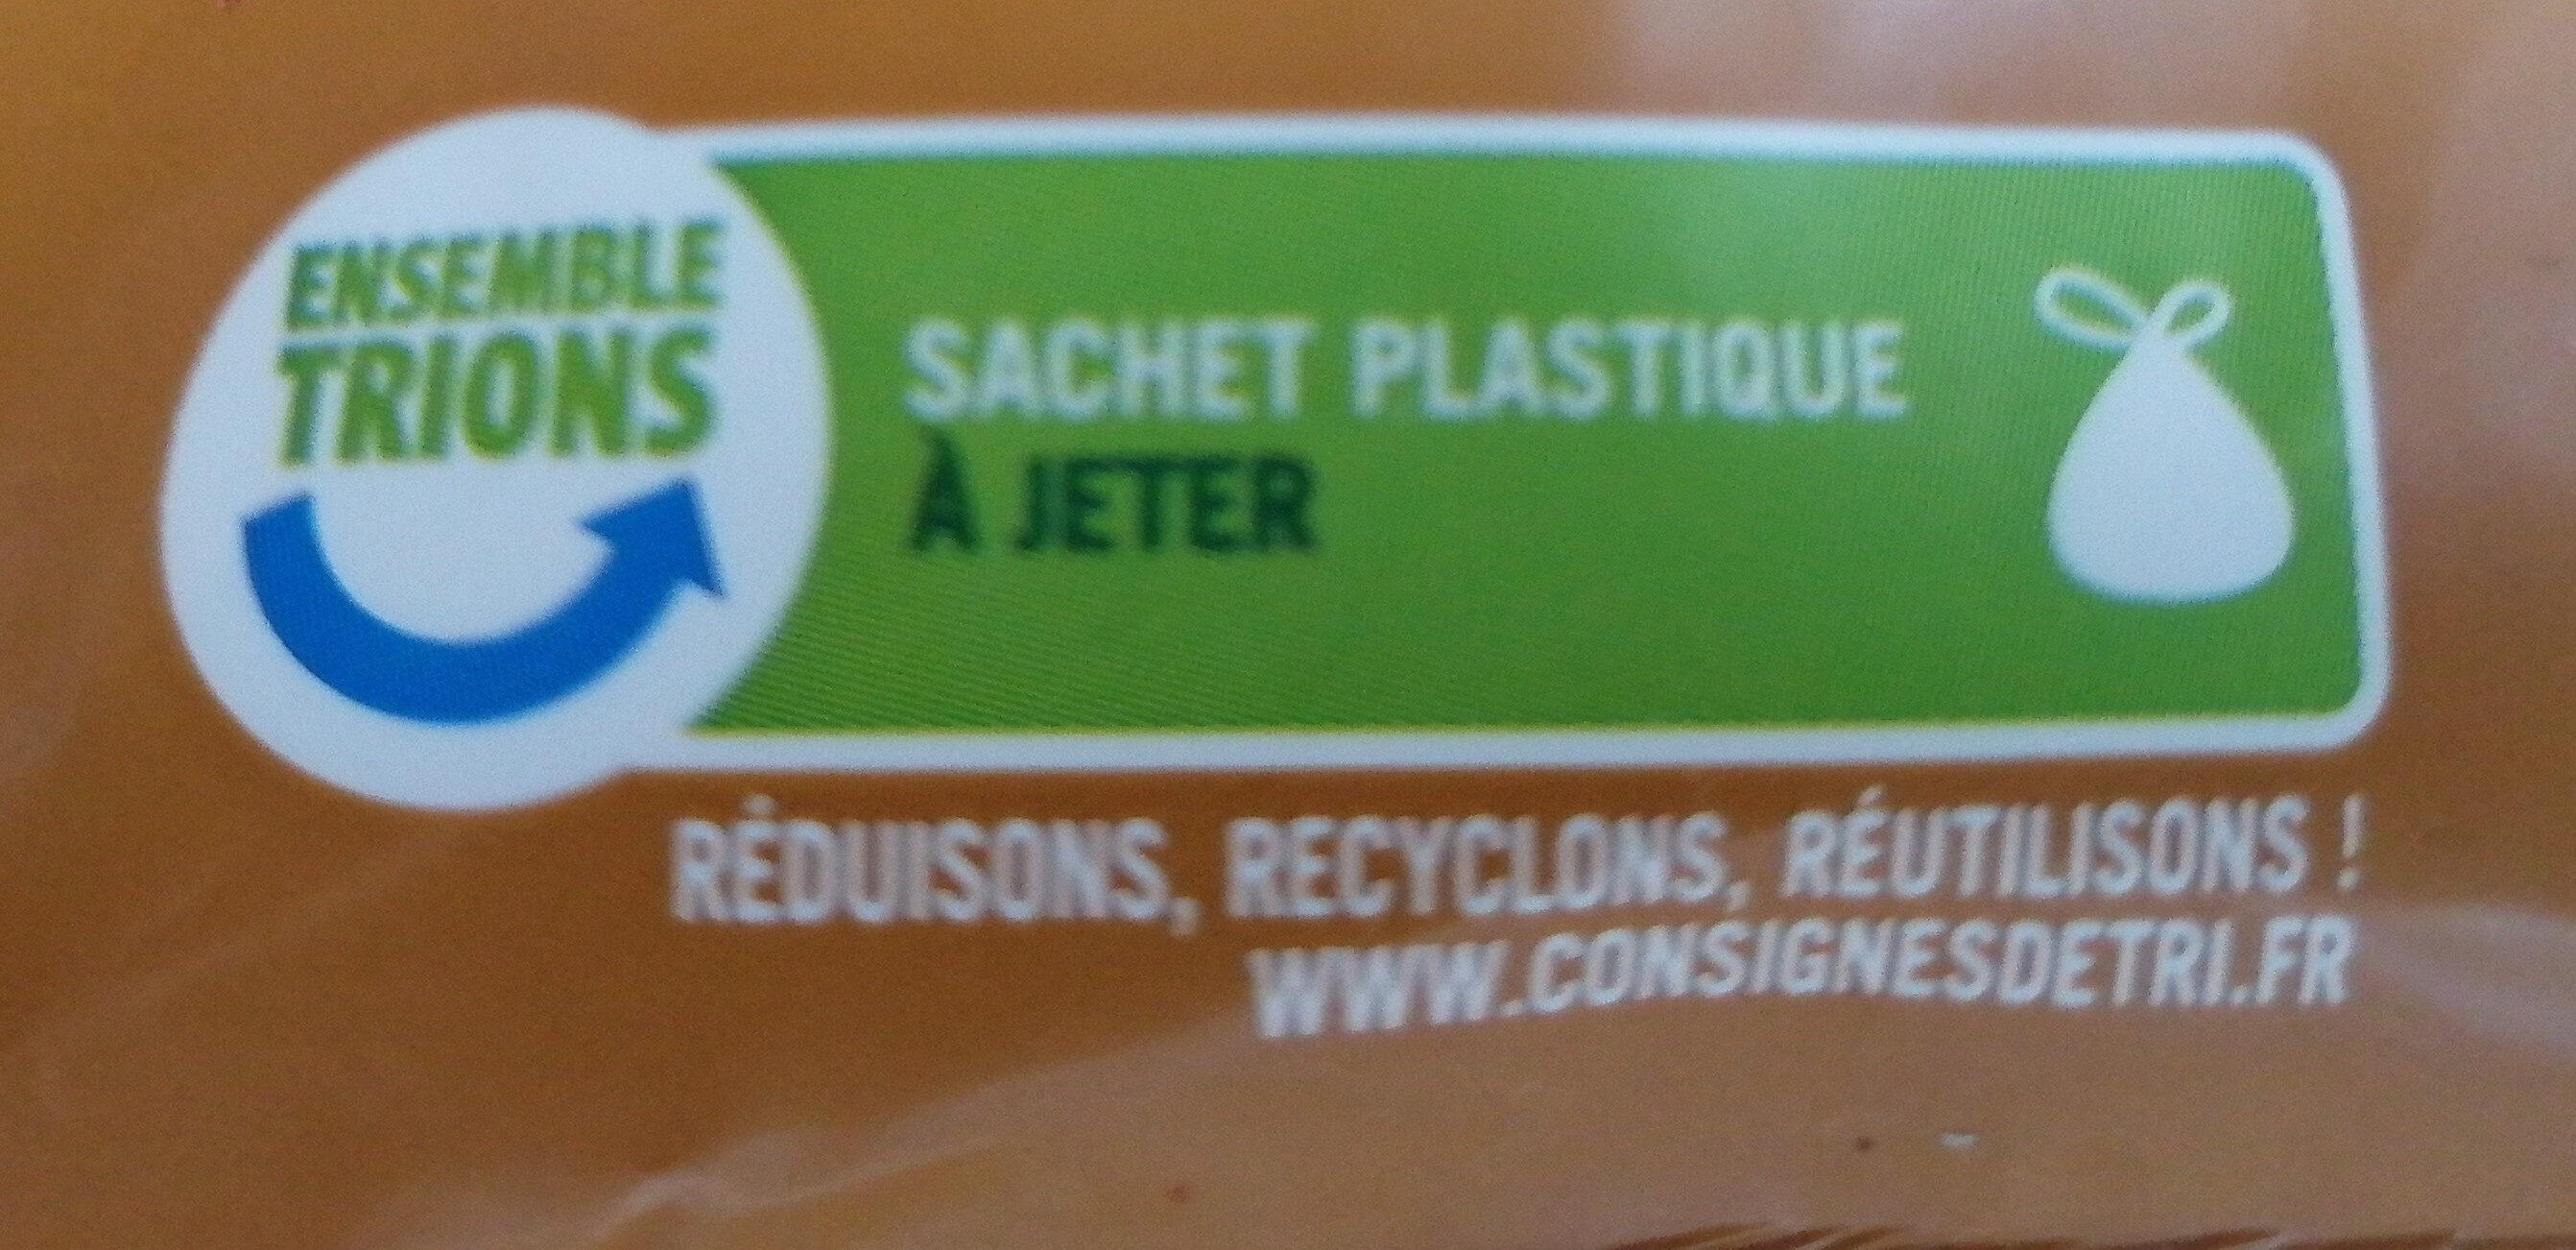 Grainéa müesli 4 noix - Instruction de recyclage et/ou informations d'emballage - fr